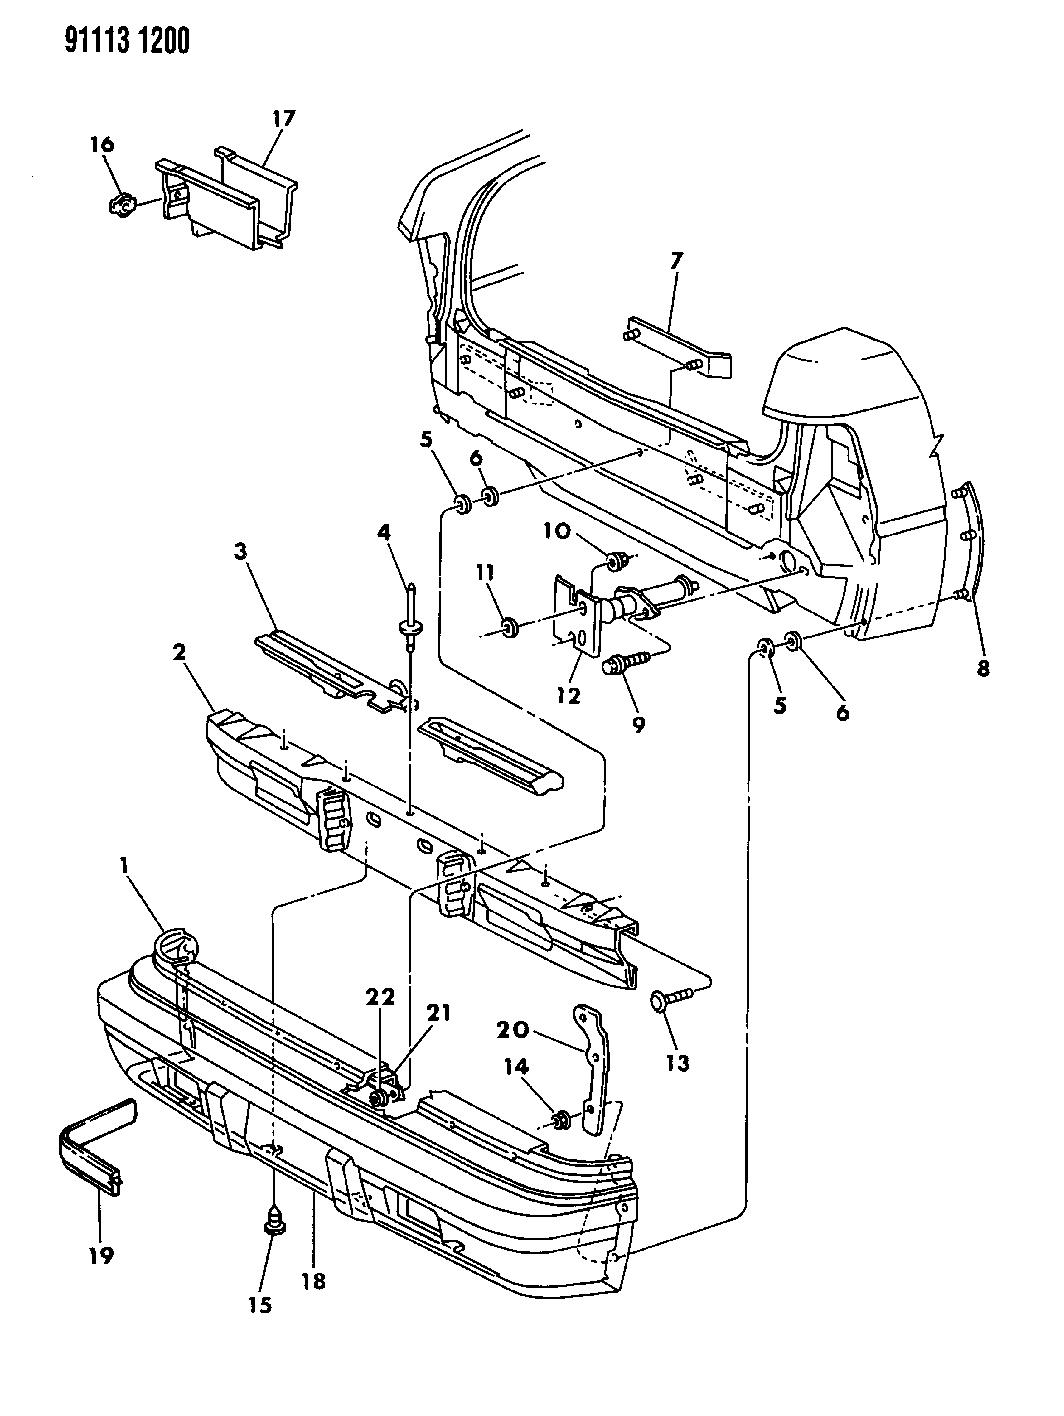 1991 Chrysler Lebaron Gtc Fascia Bumper Rear Mopar Parts Giant Wiring Diagram